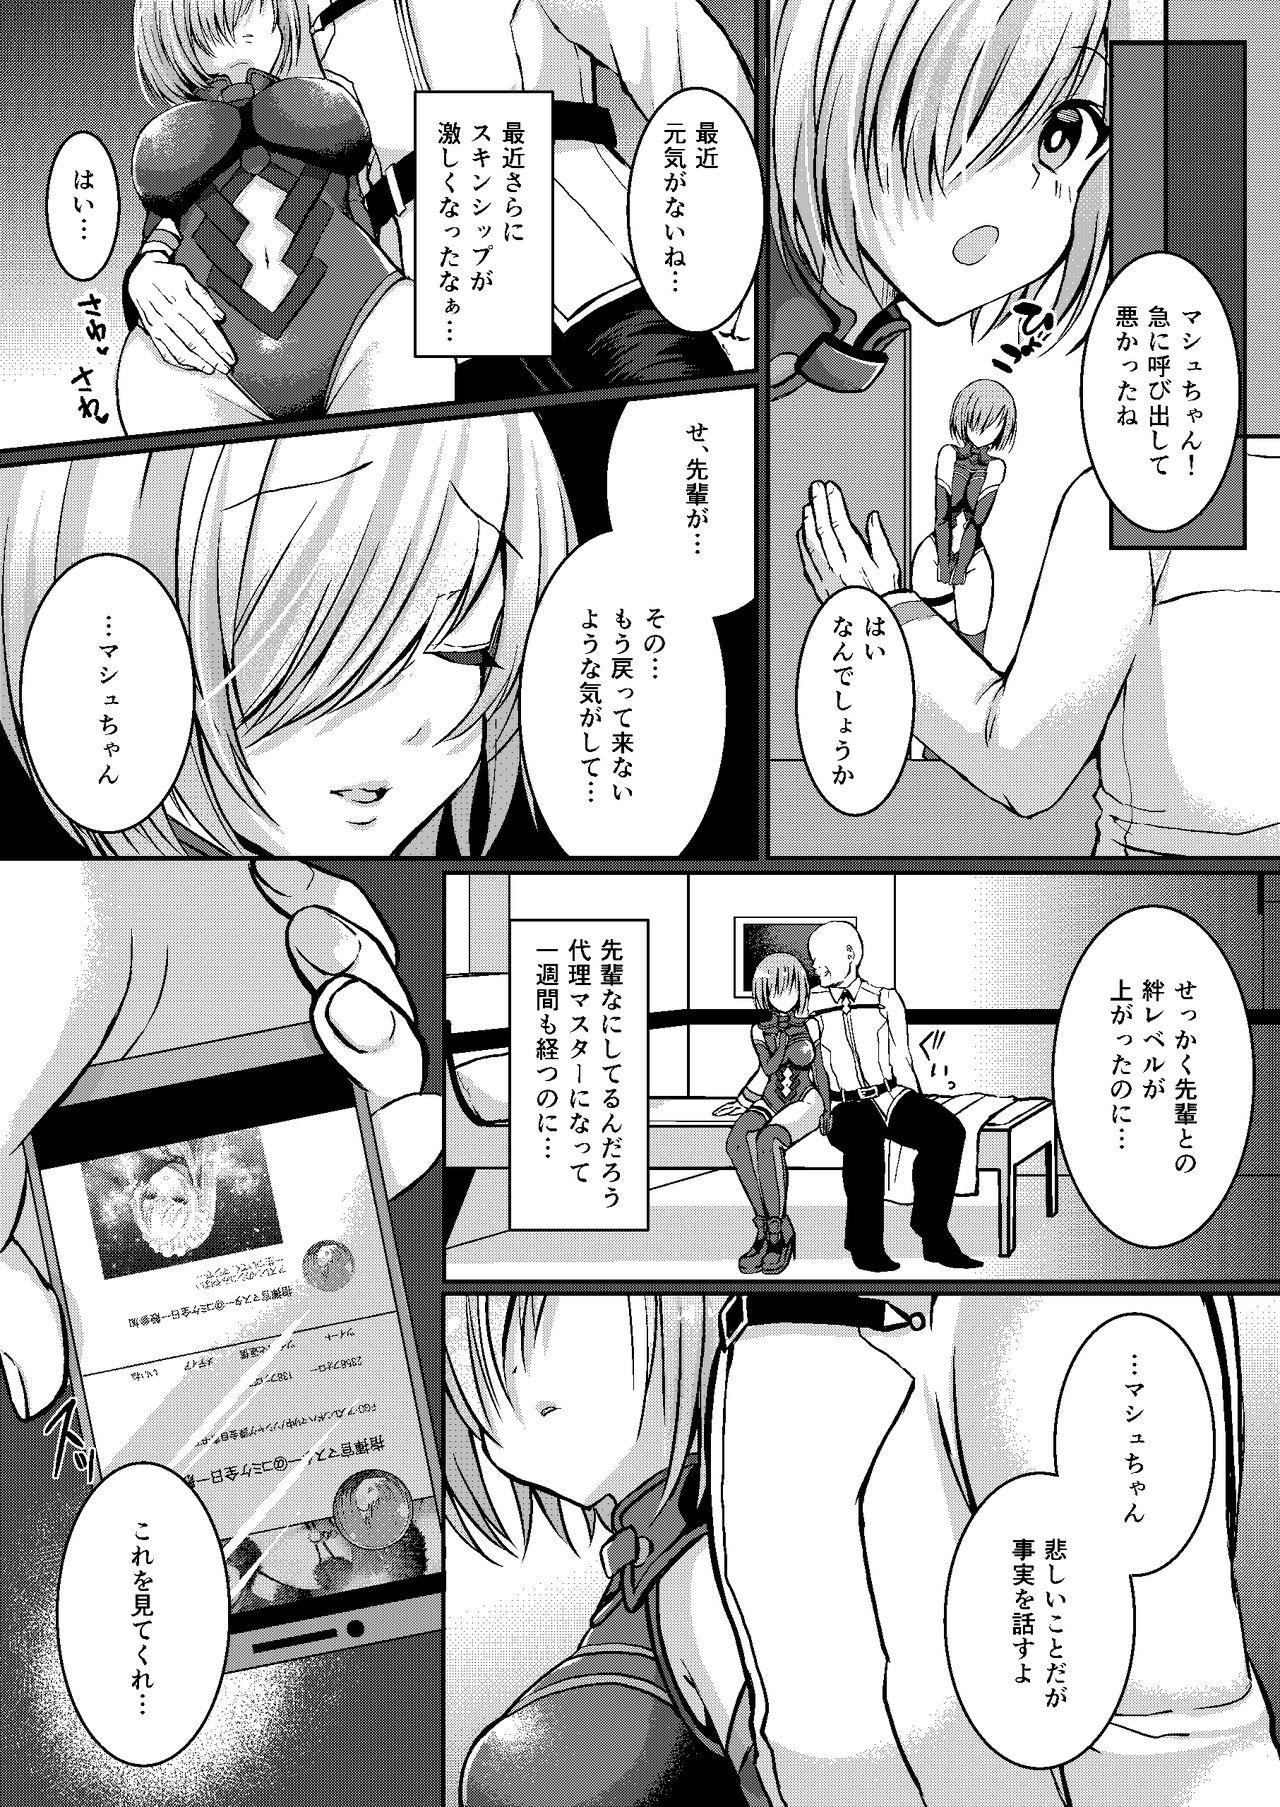 Senpai ga Sabishiku Saseru kara Ikenain desu yo? 4